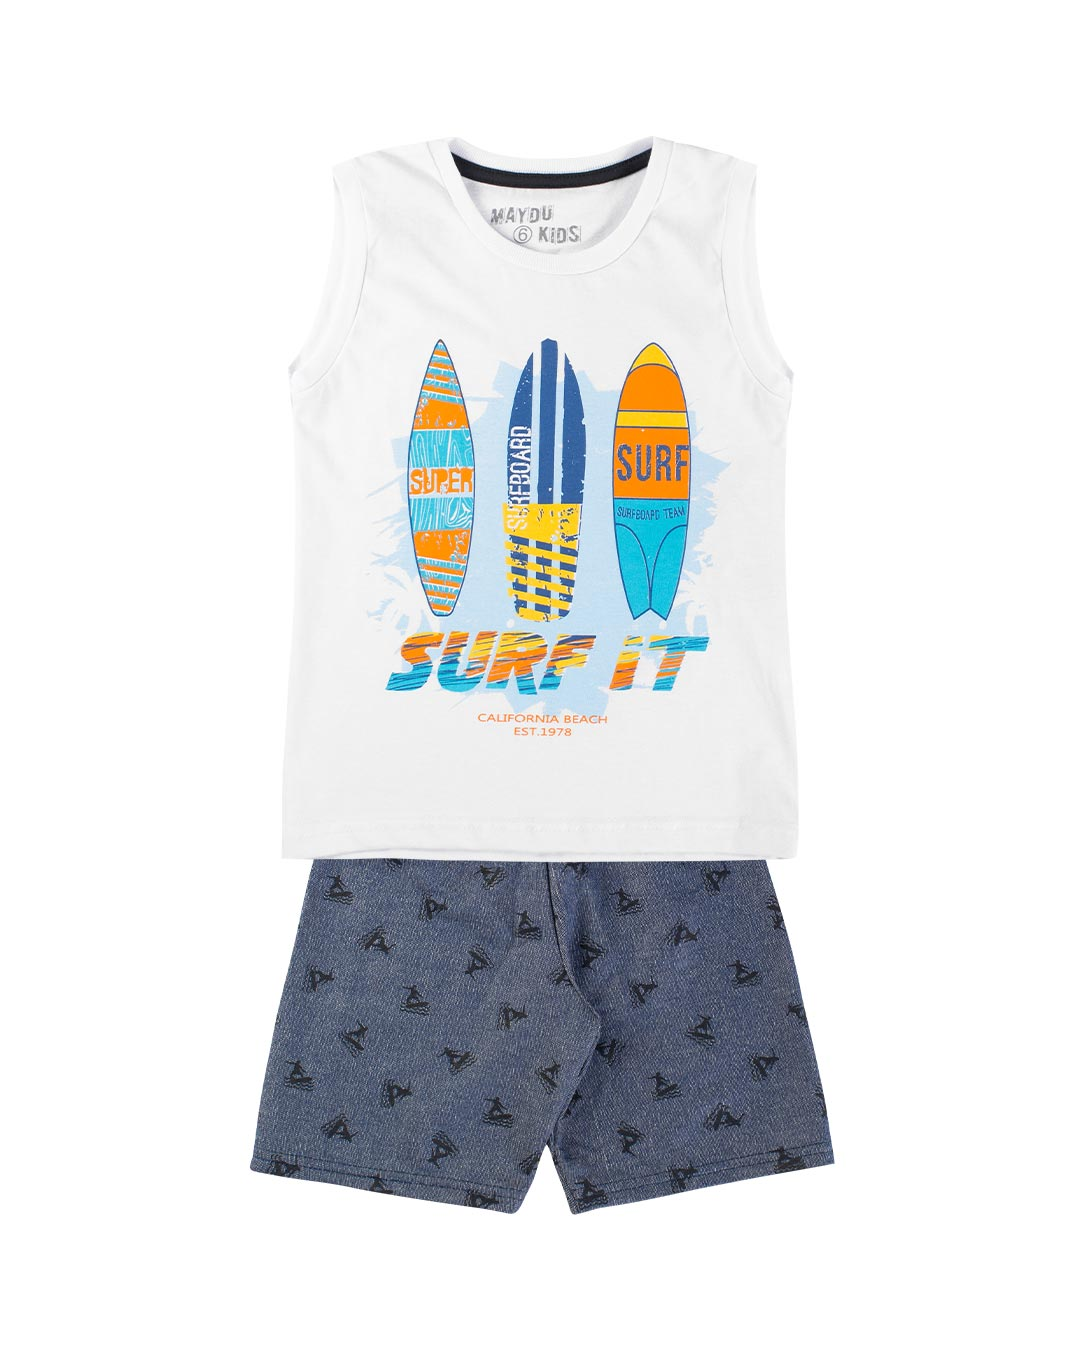 Conjunto Infantil Surf It - Maydu Kids